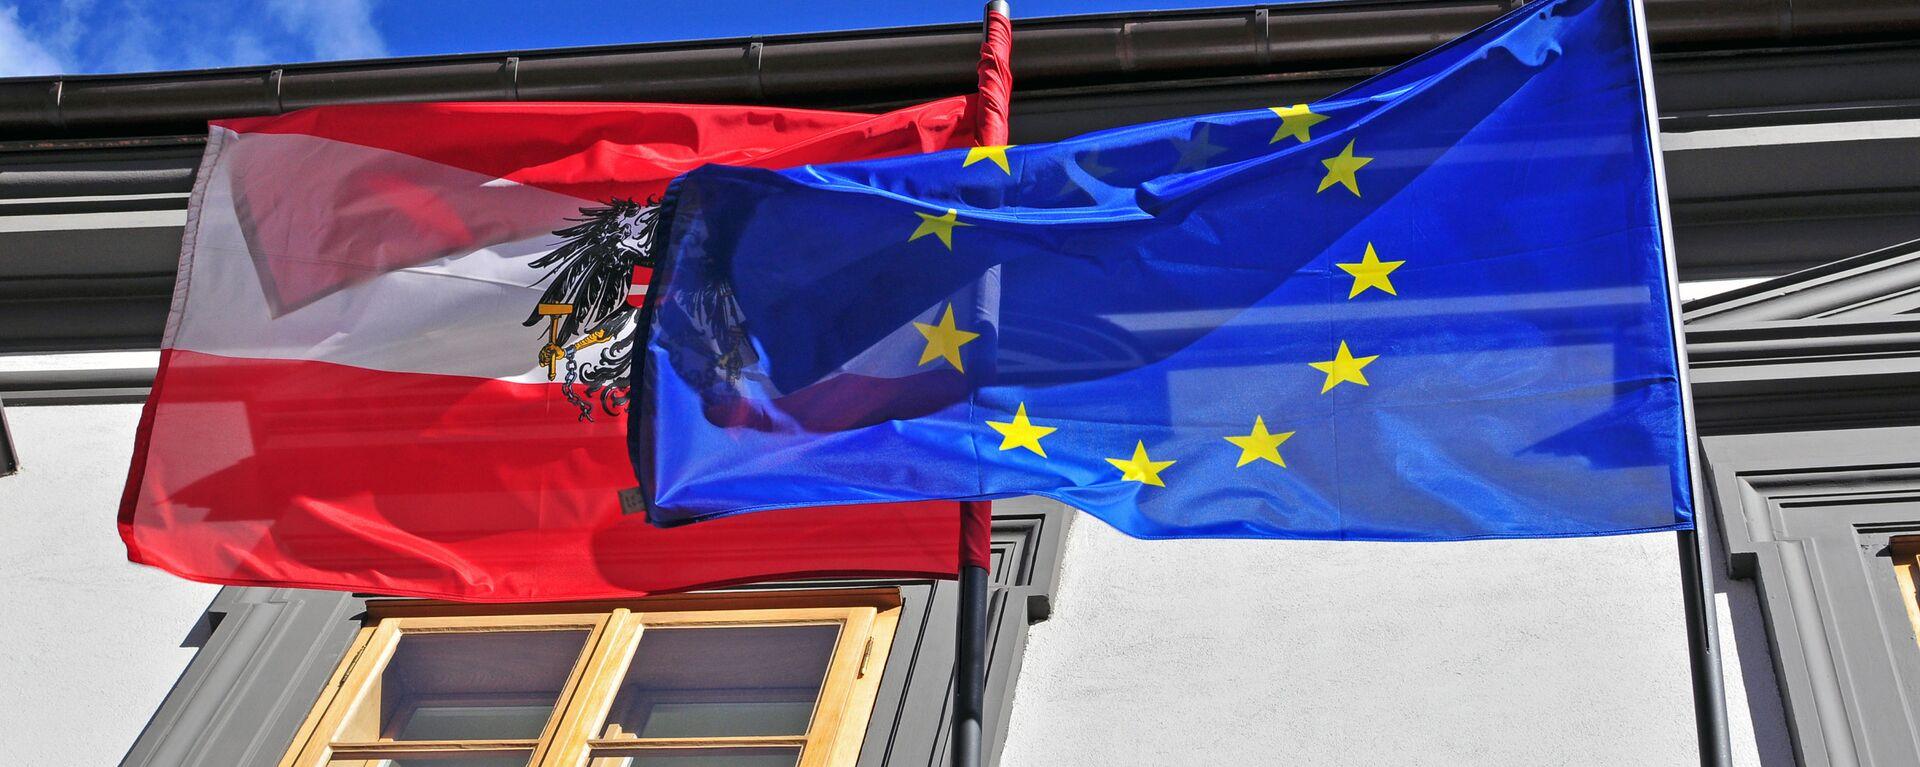 Vlajky Rakouska a EU - Sputnik Česká republika, 1920, 23.04.2021